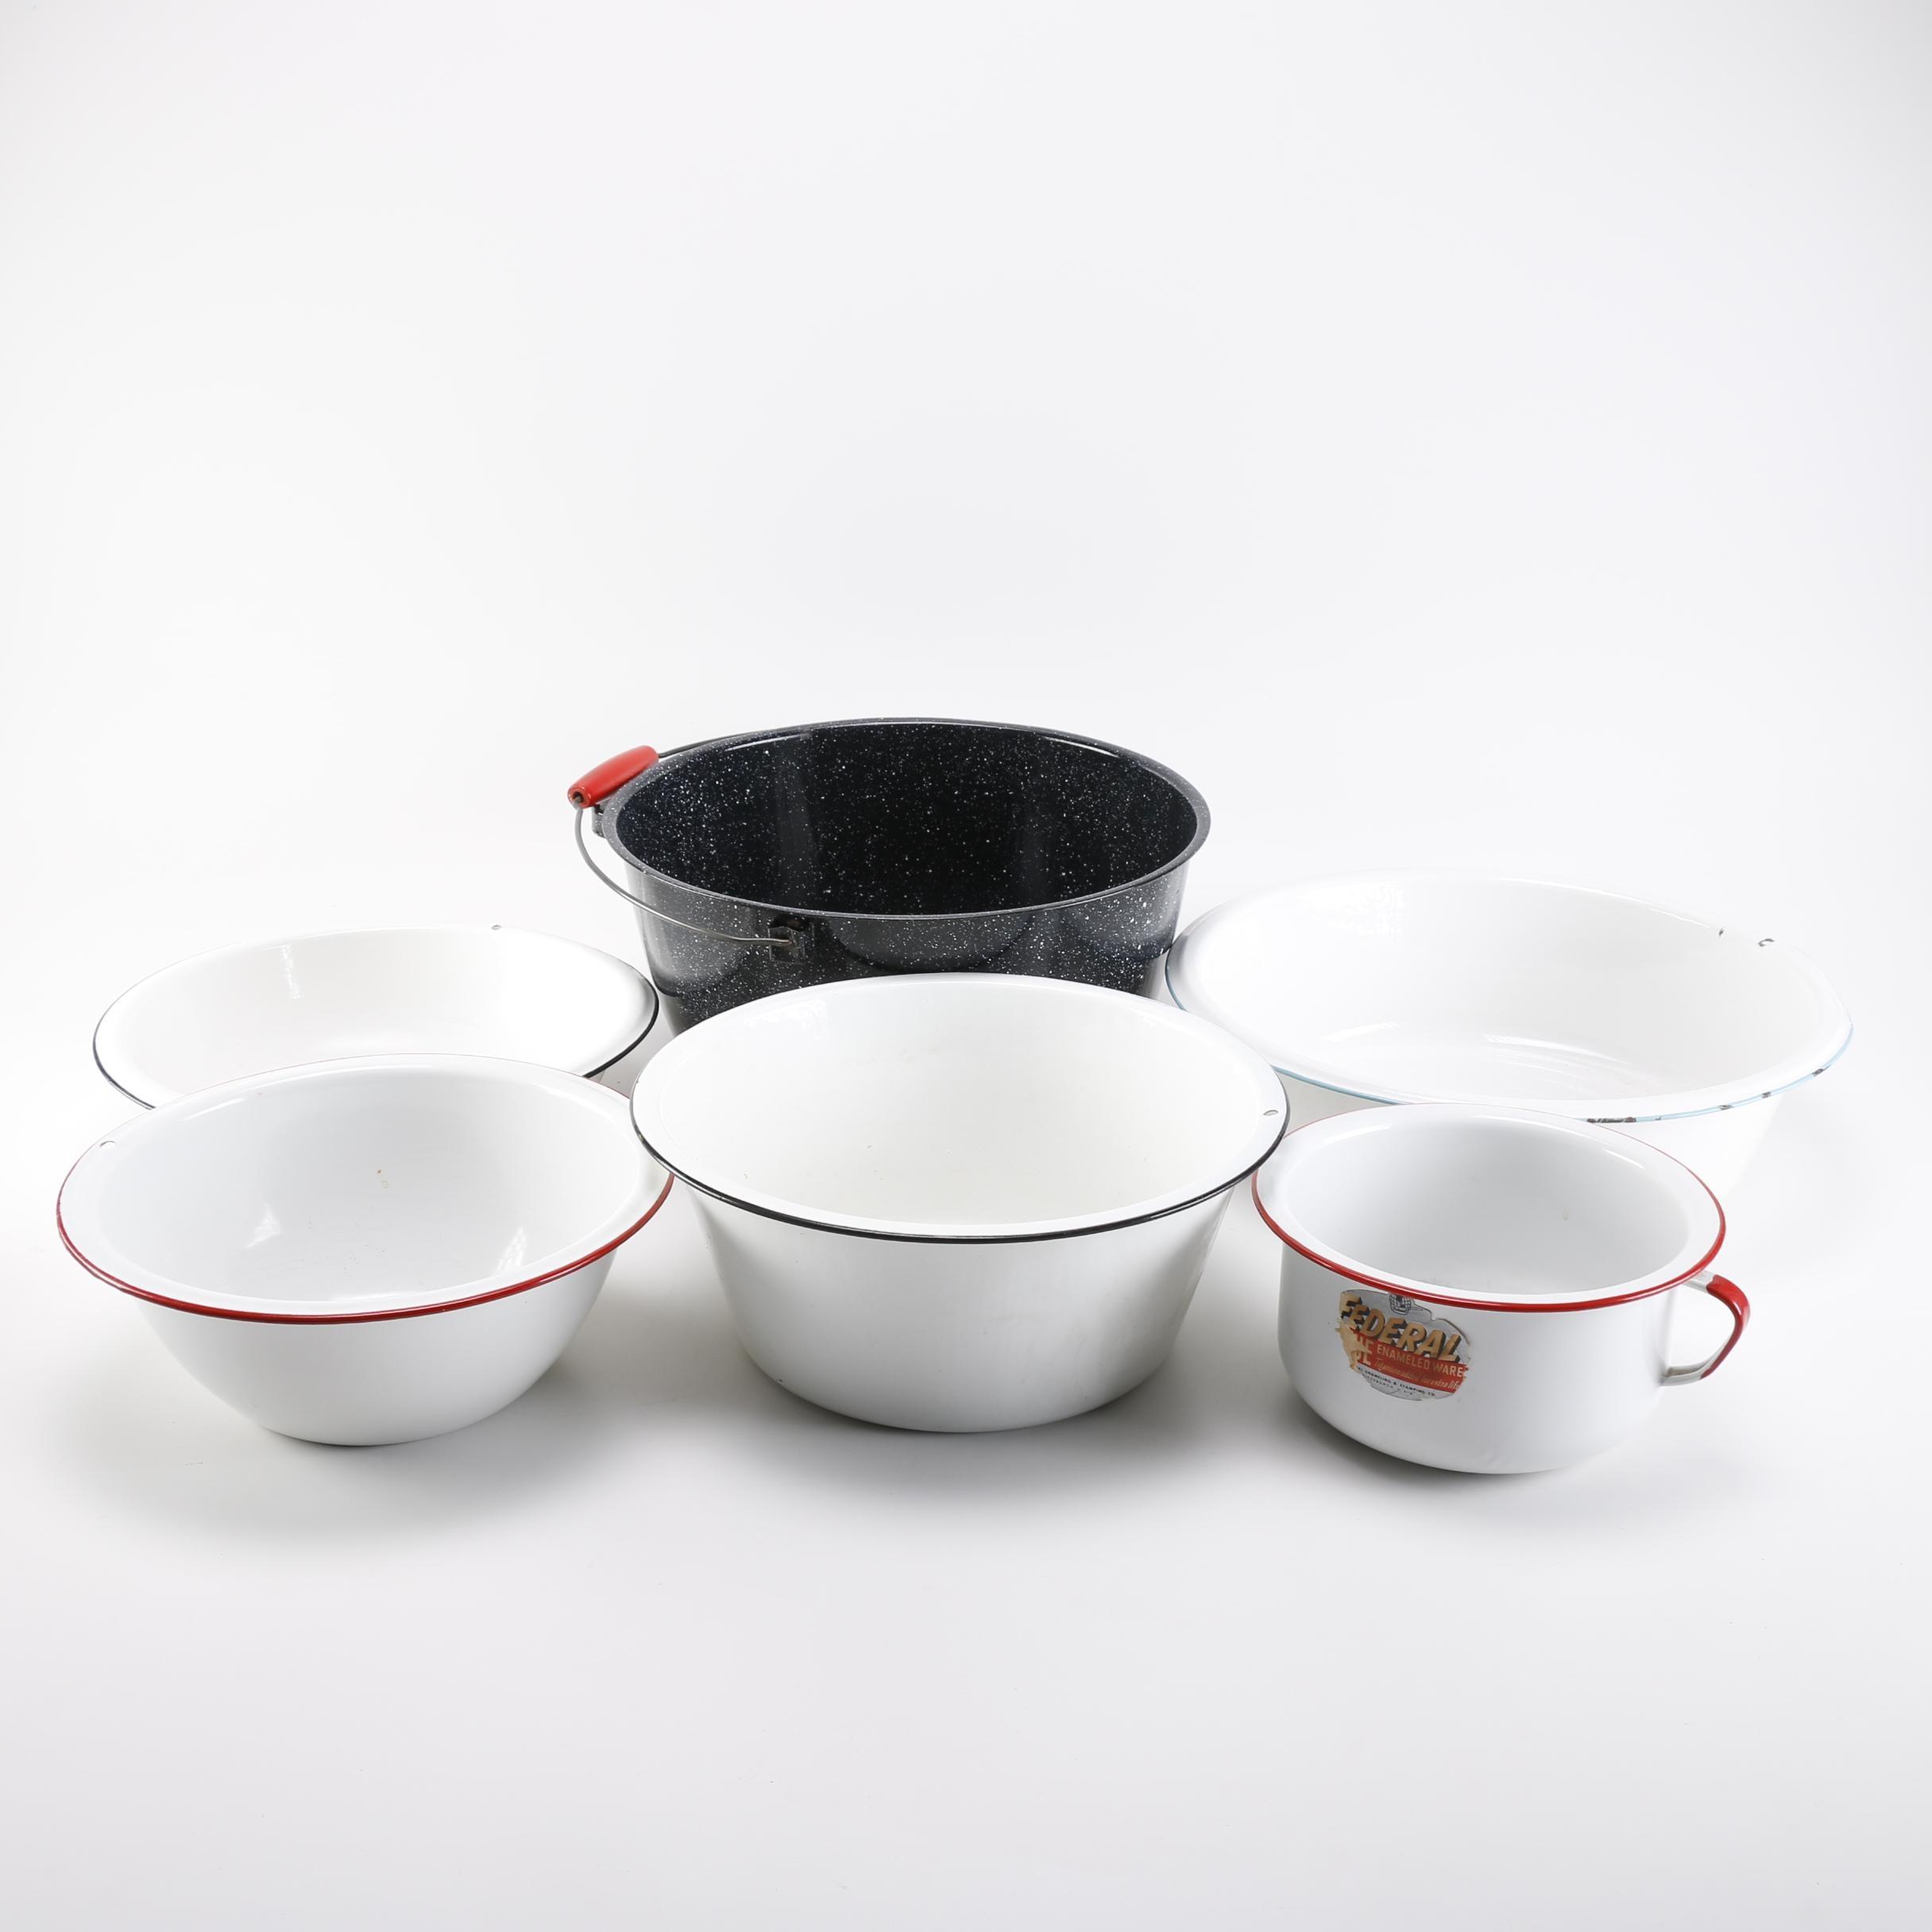 Vintage Enamel Bowls